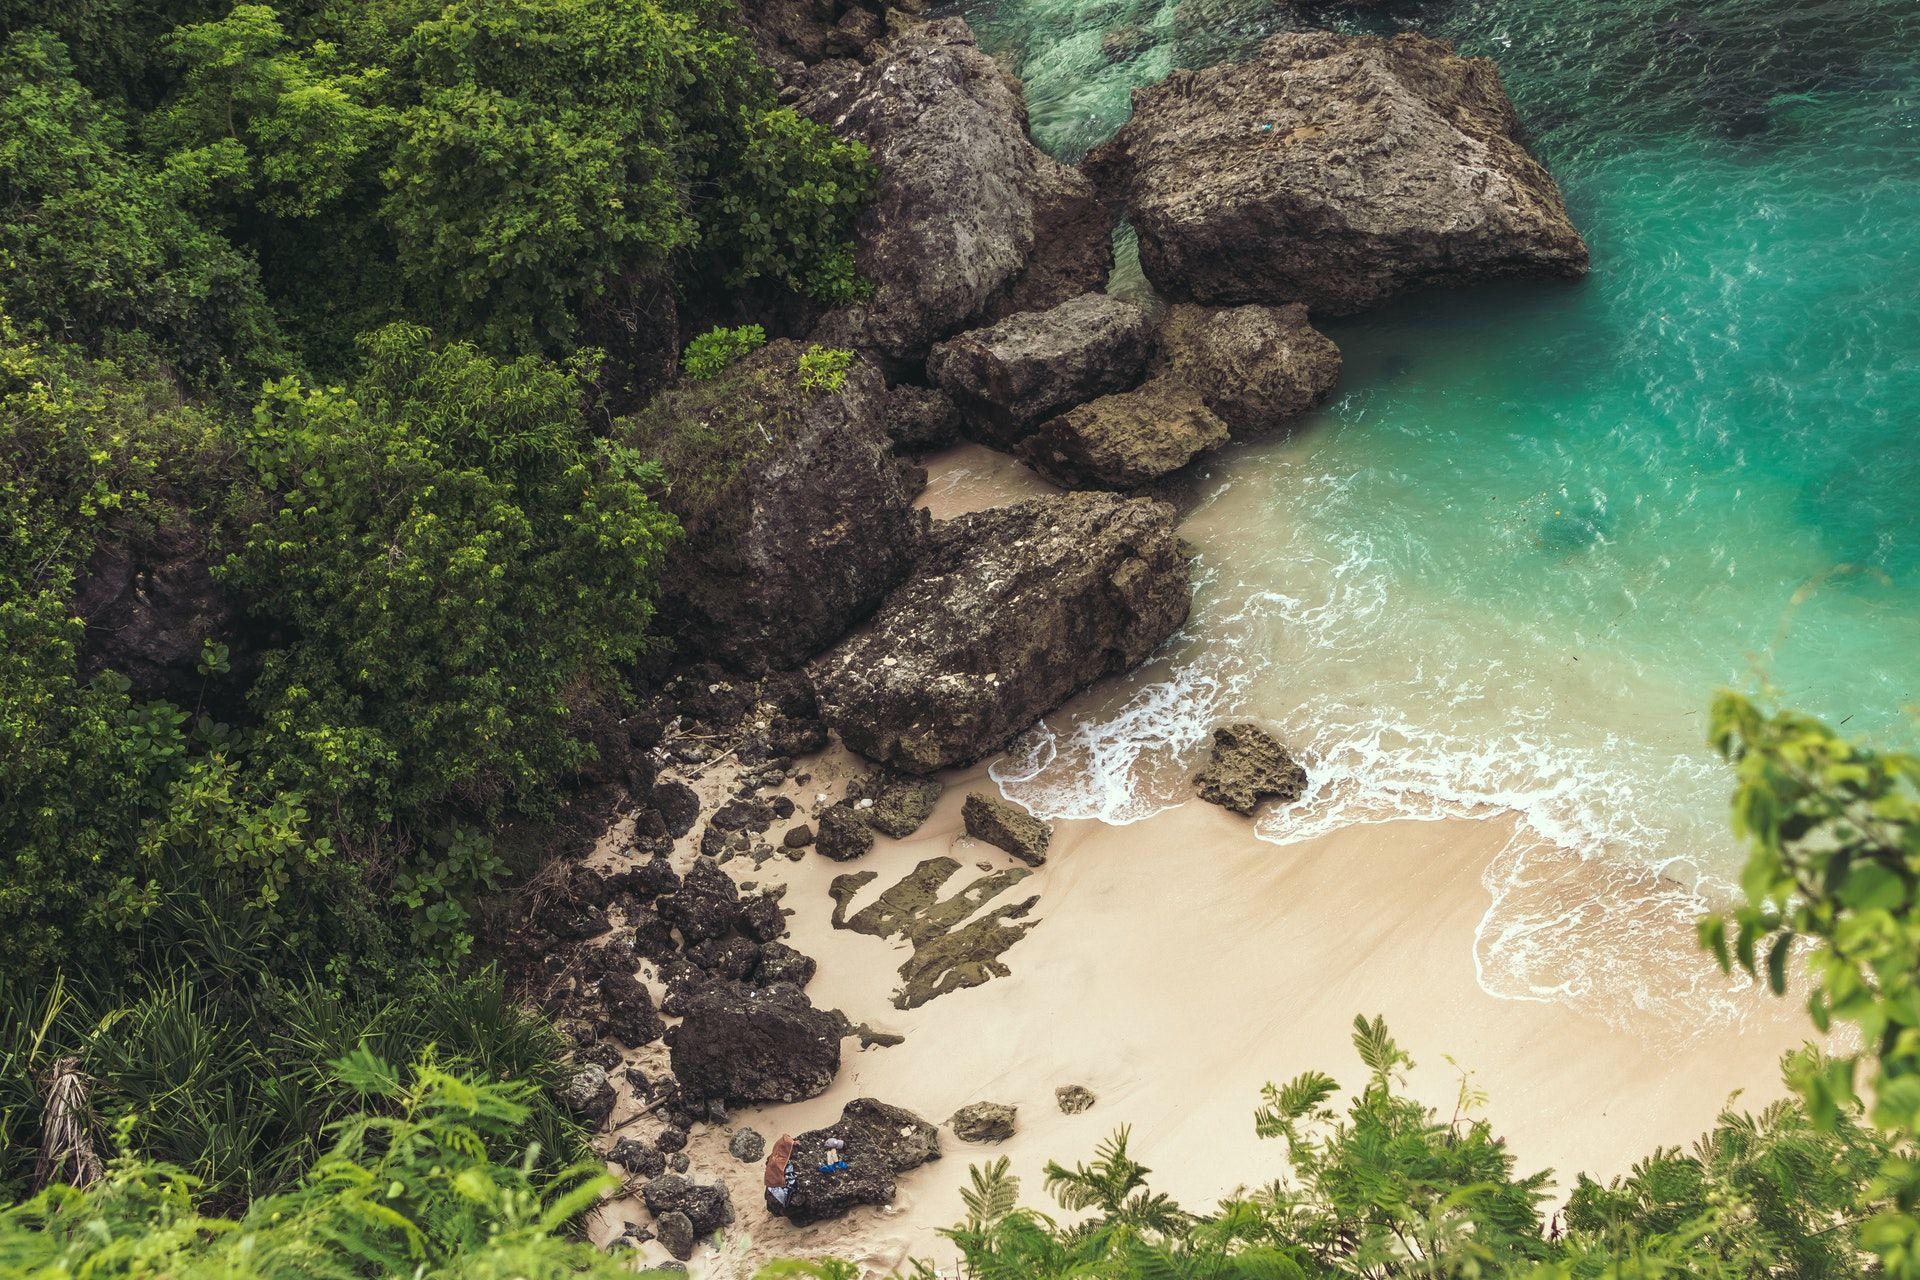 عکس زمینه نمای هوایی از ساحل نزدیک سنگ خاکستری بزرگ پس زمینه